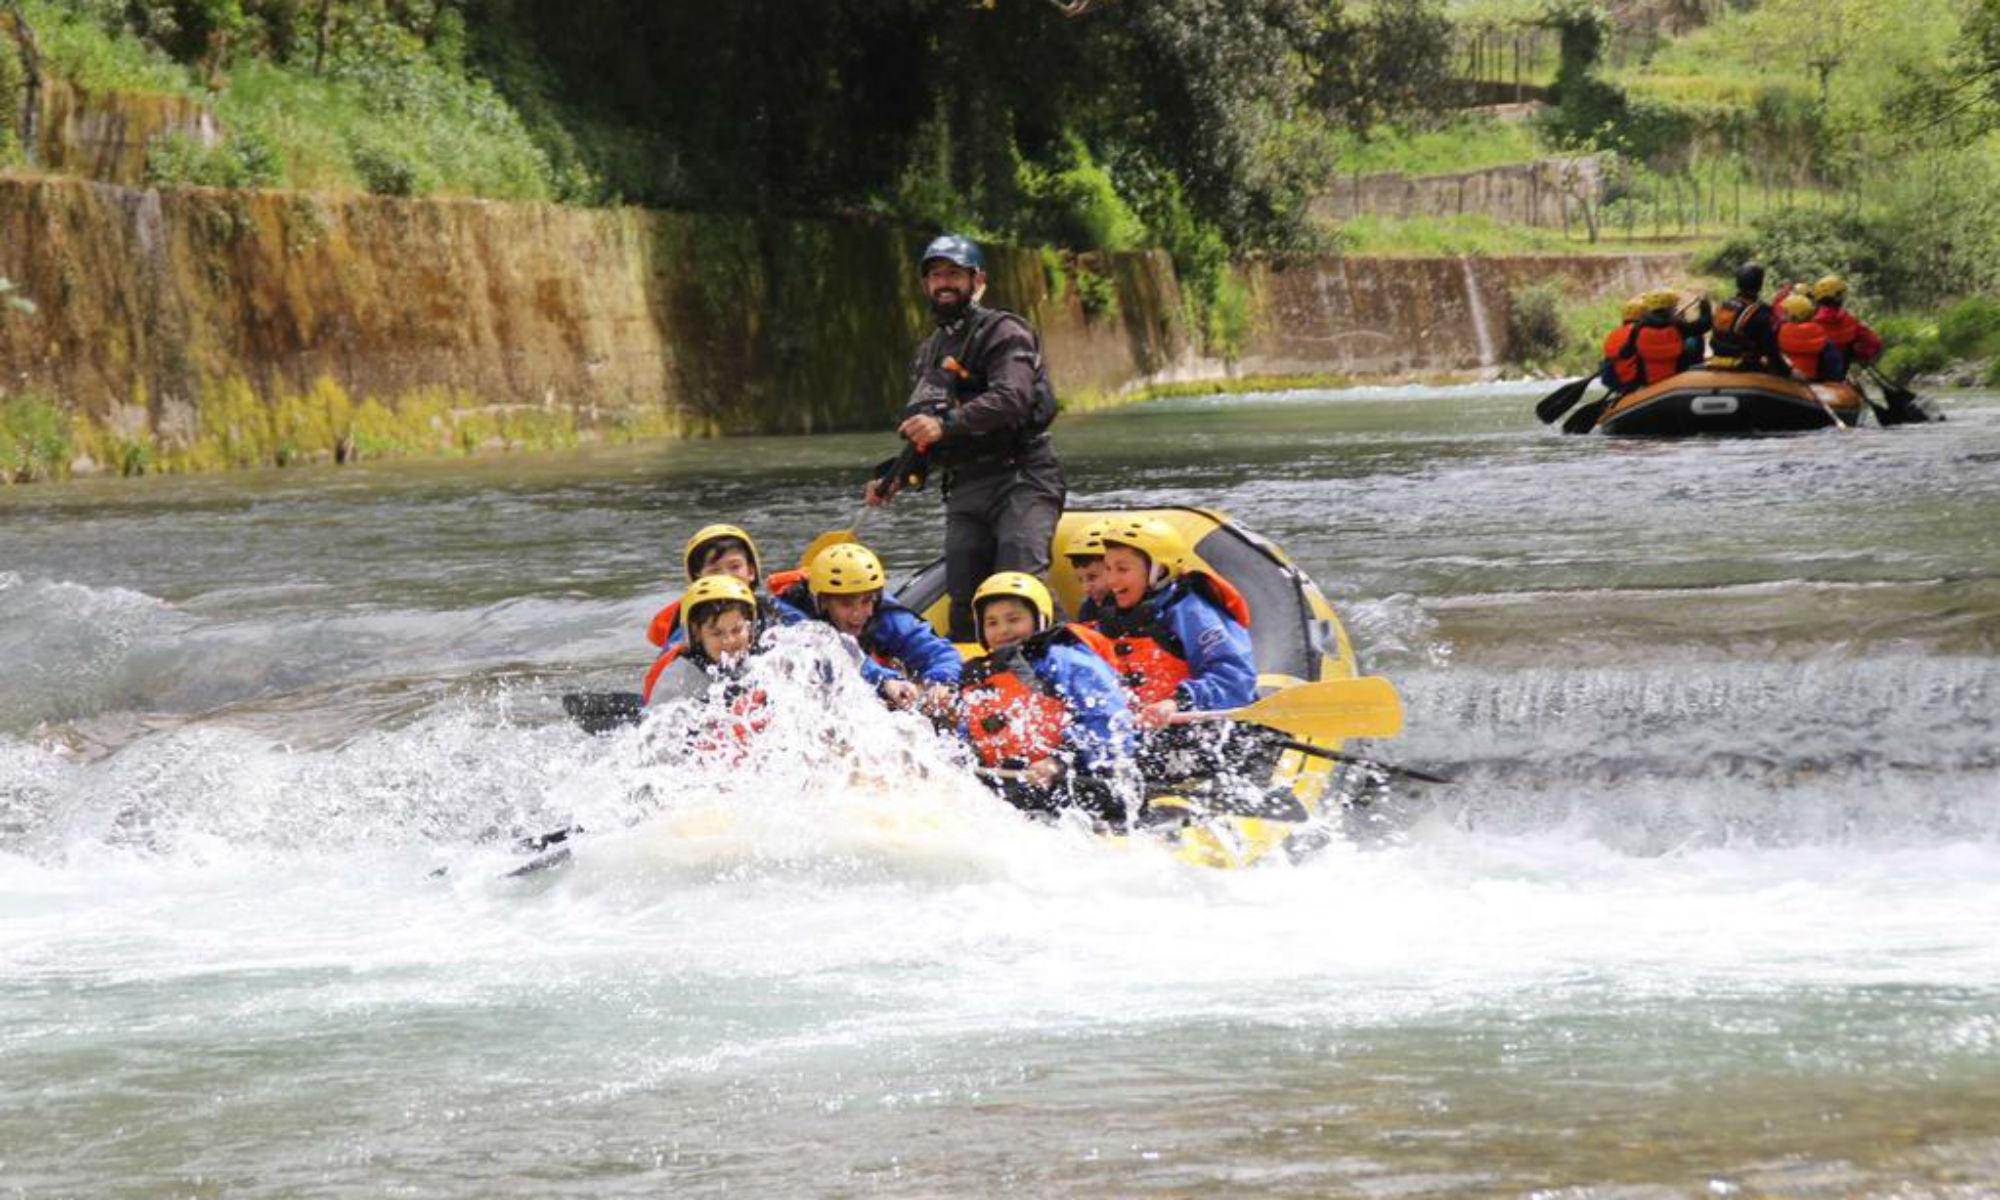 Dei ragazzi affrontano una breve rapida sul fiume Lao.